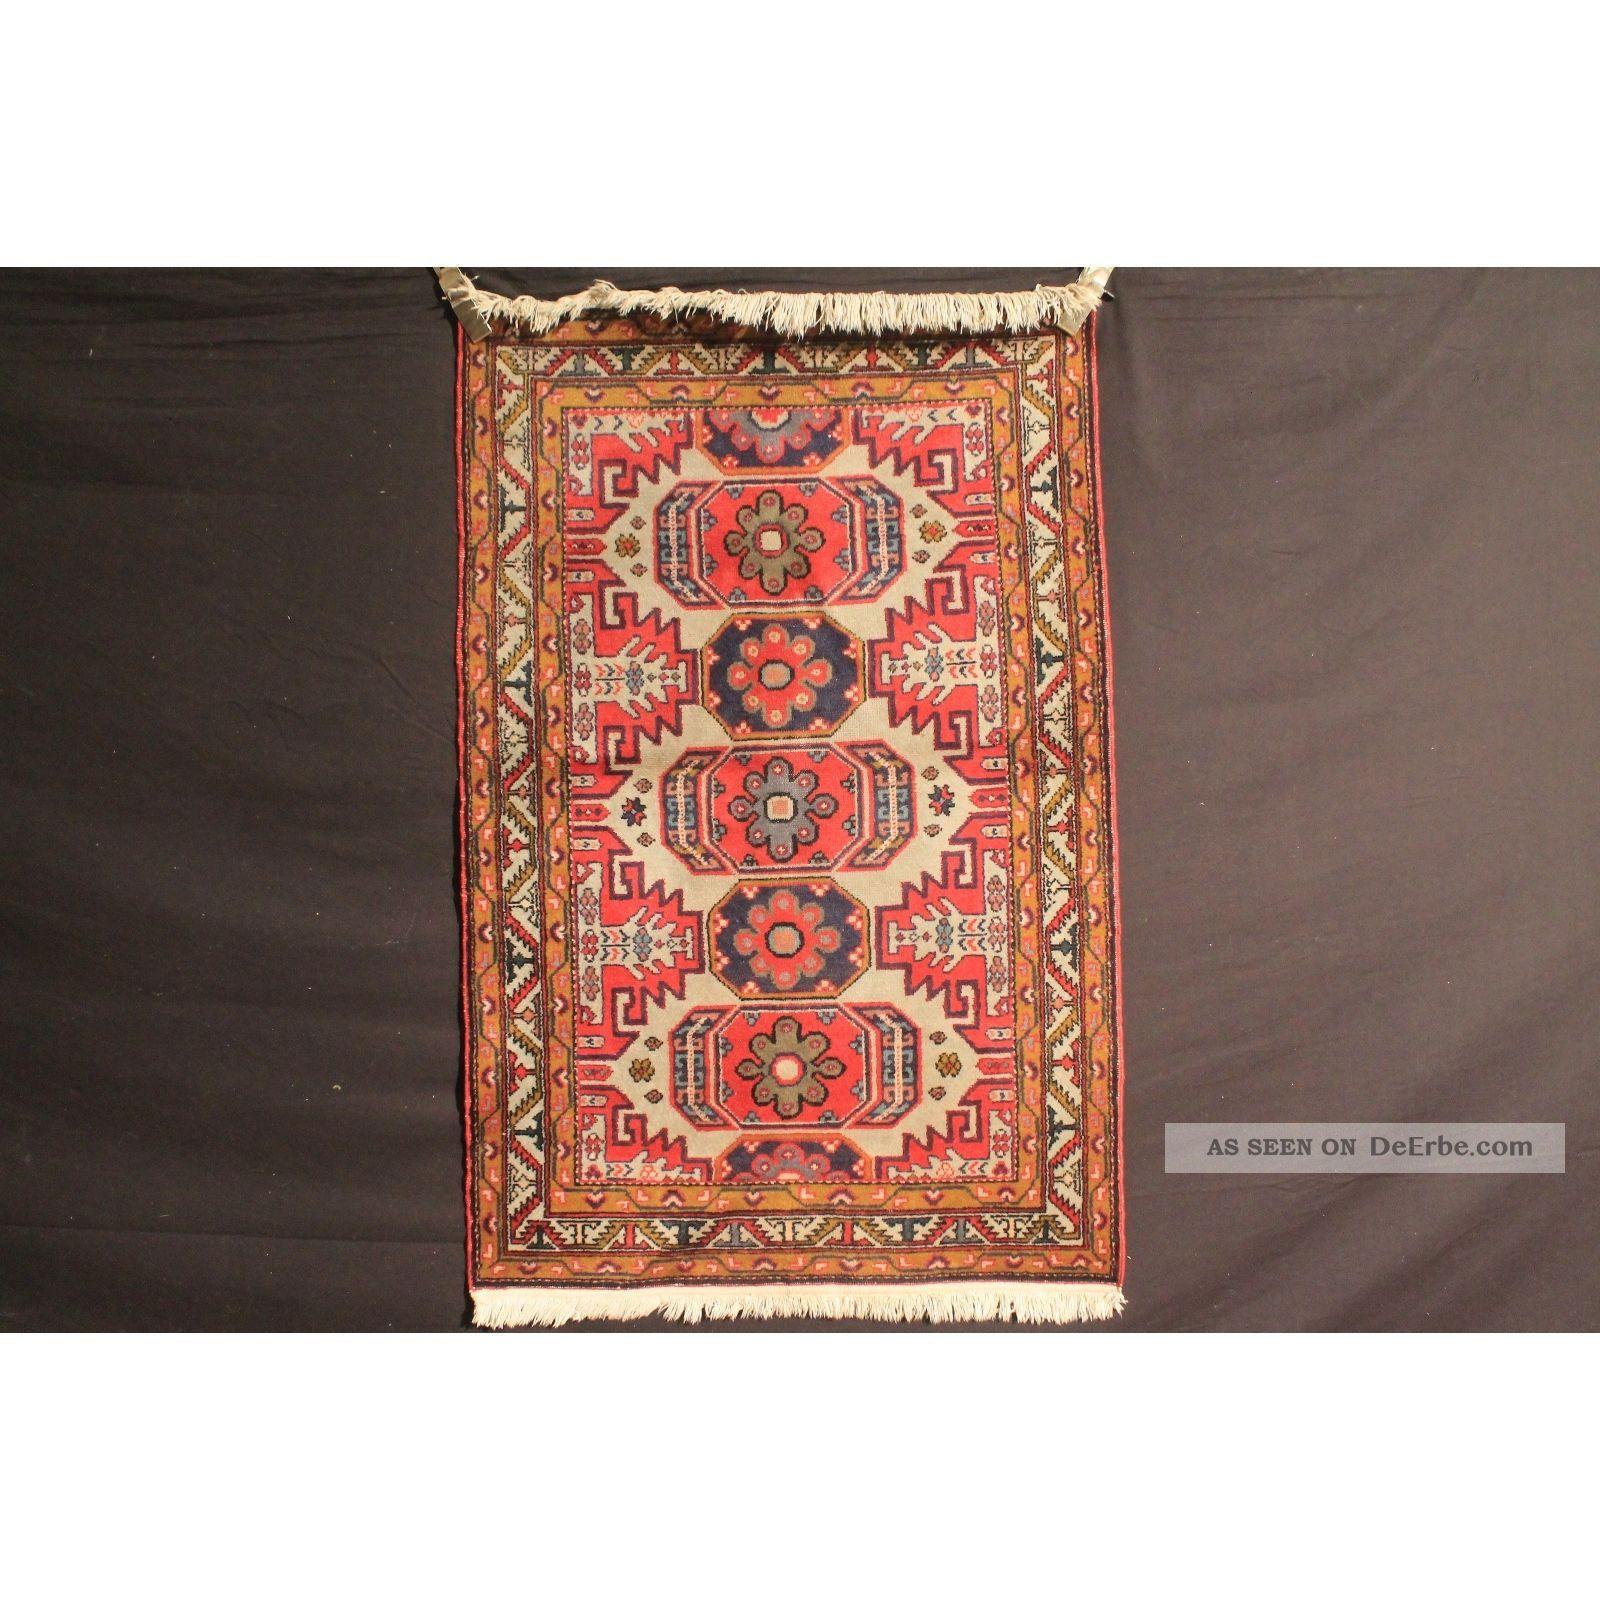 Antiker Handgeknüpfter Orient Sammler Teppich Derbent Kazak Carpet Antique Teppiche & Flachgewebe Bild